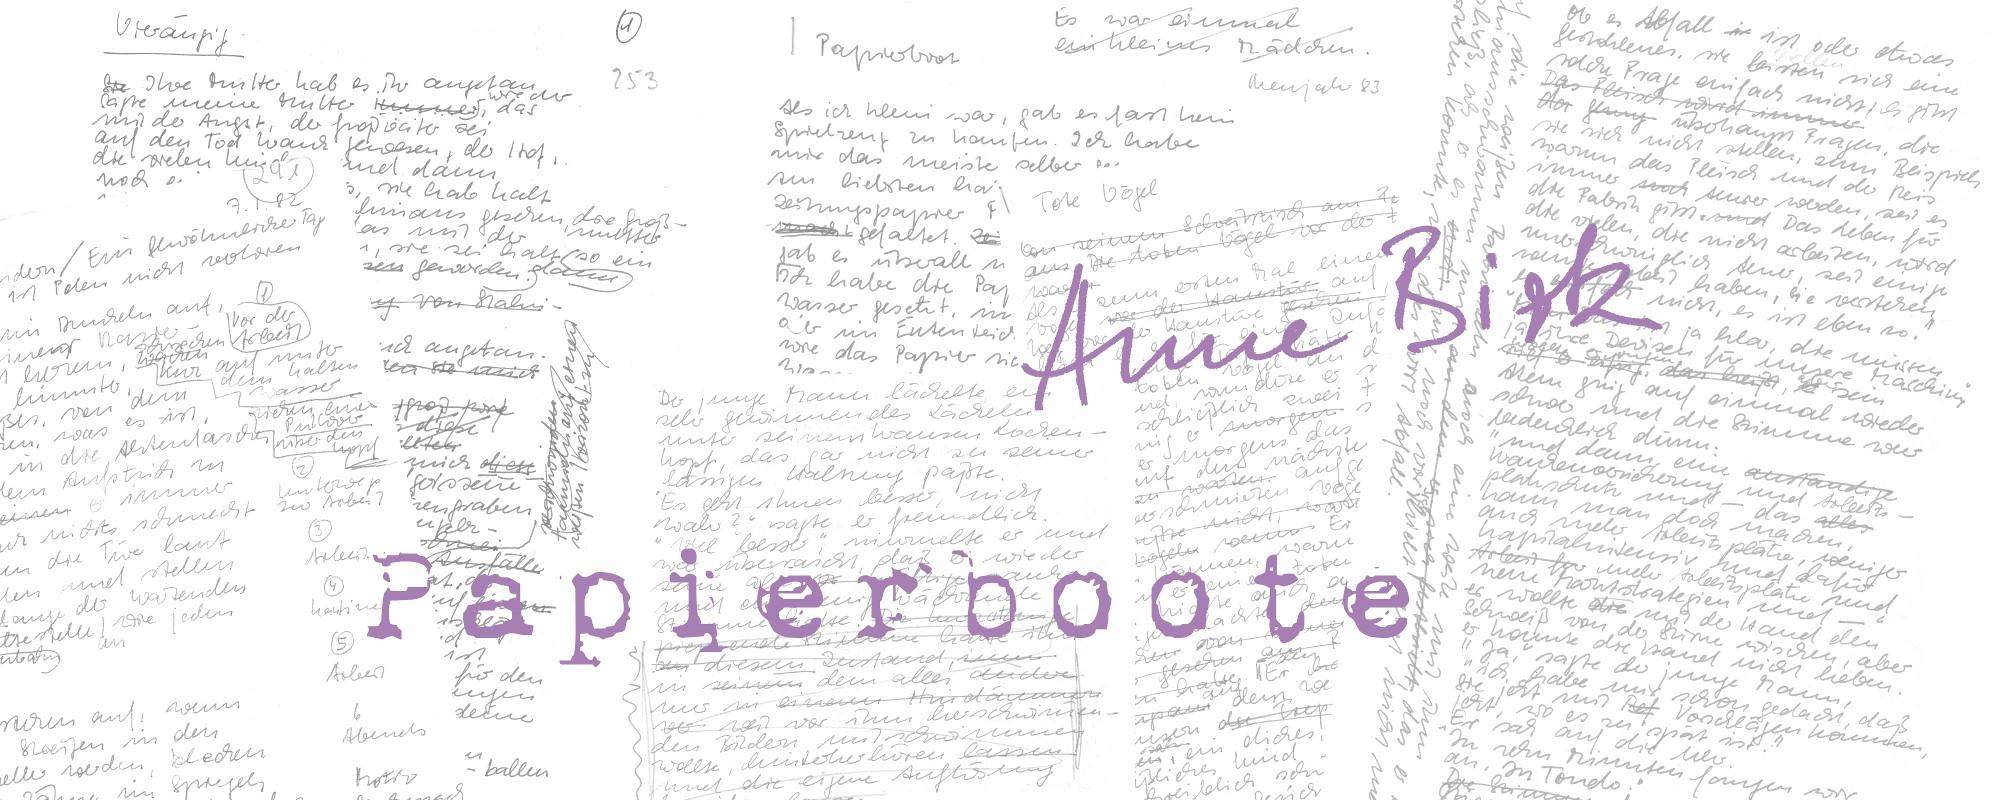 Anne-Birk-Papierboote-Schriftbild